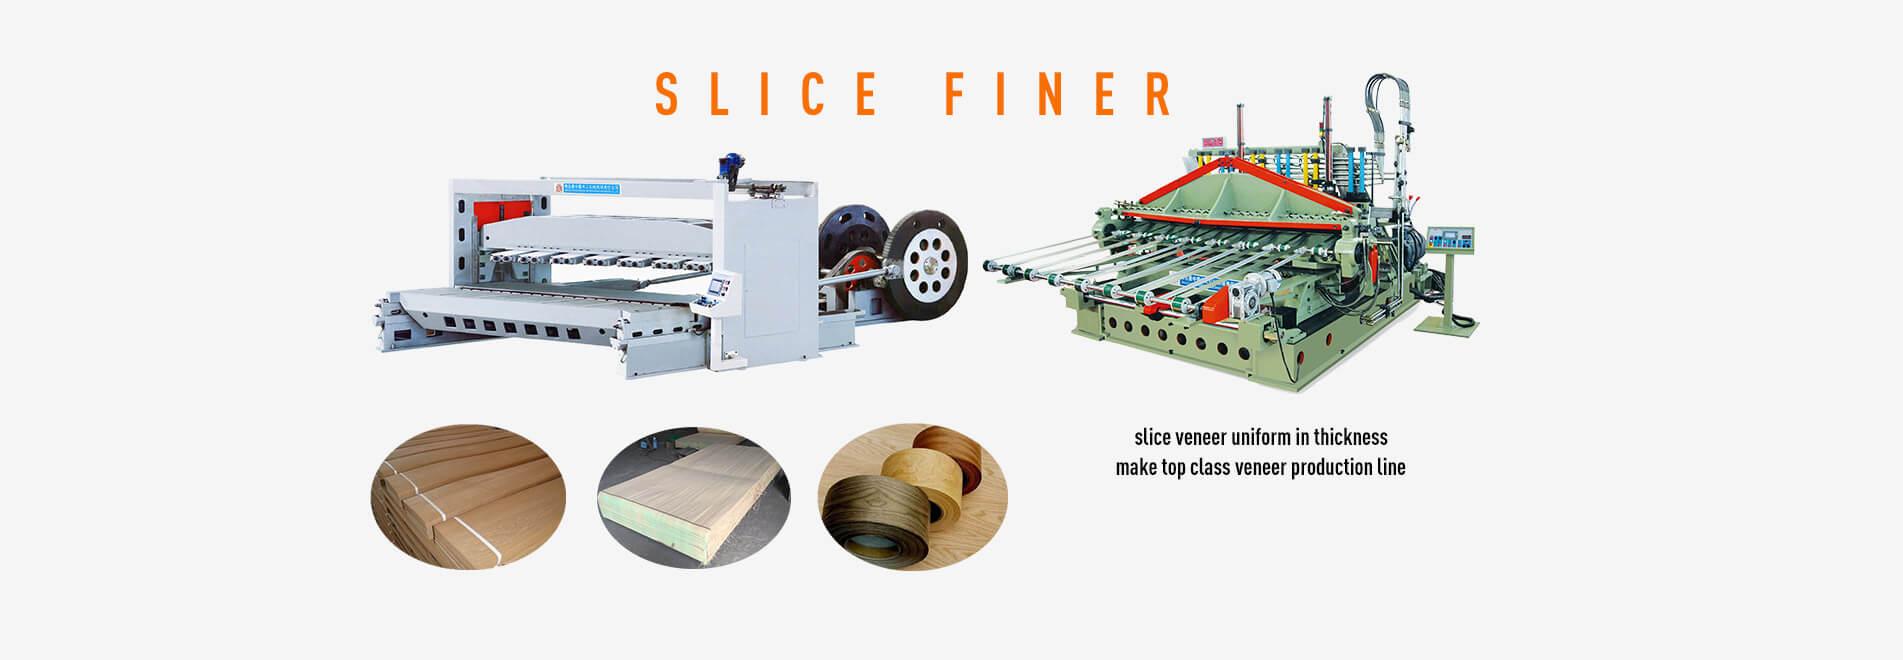 Slice Finer